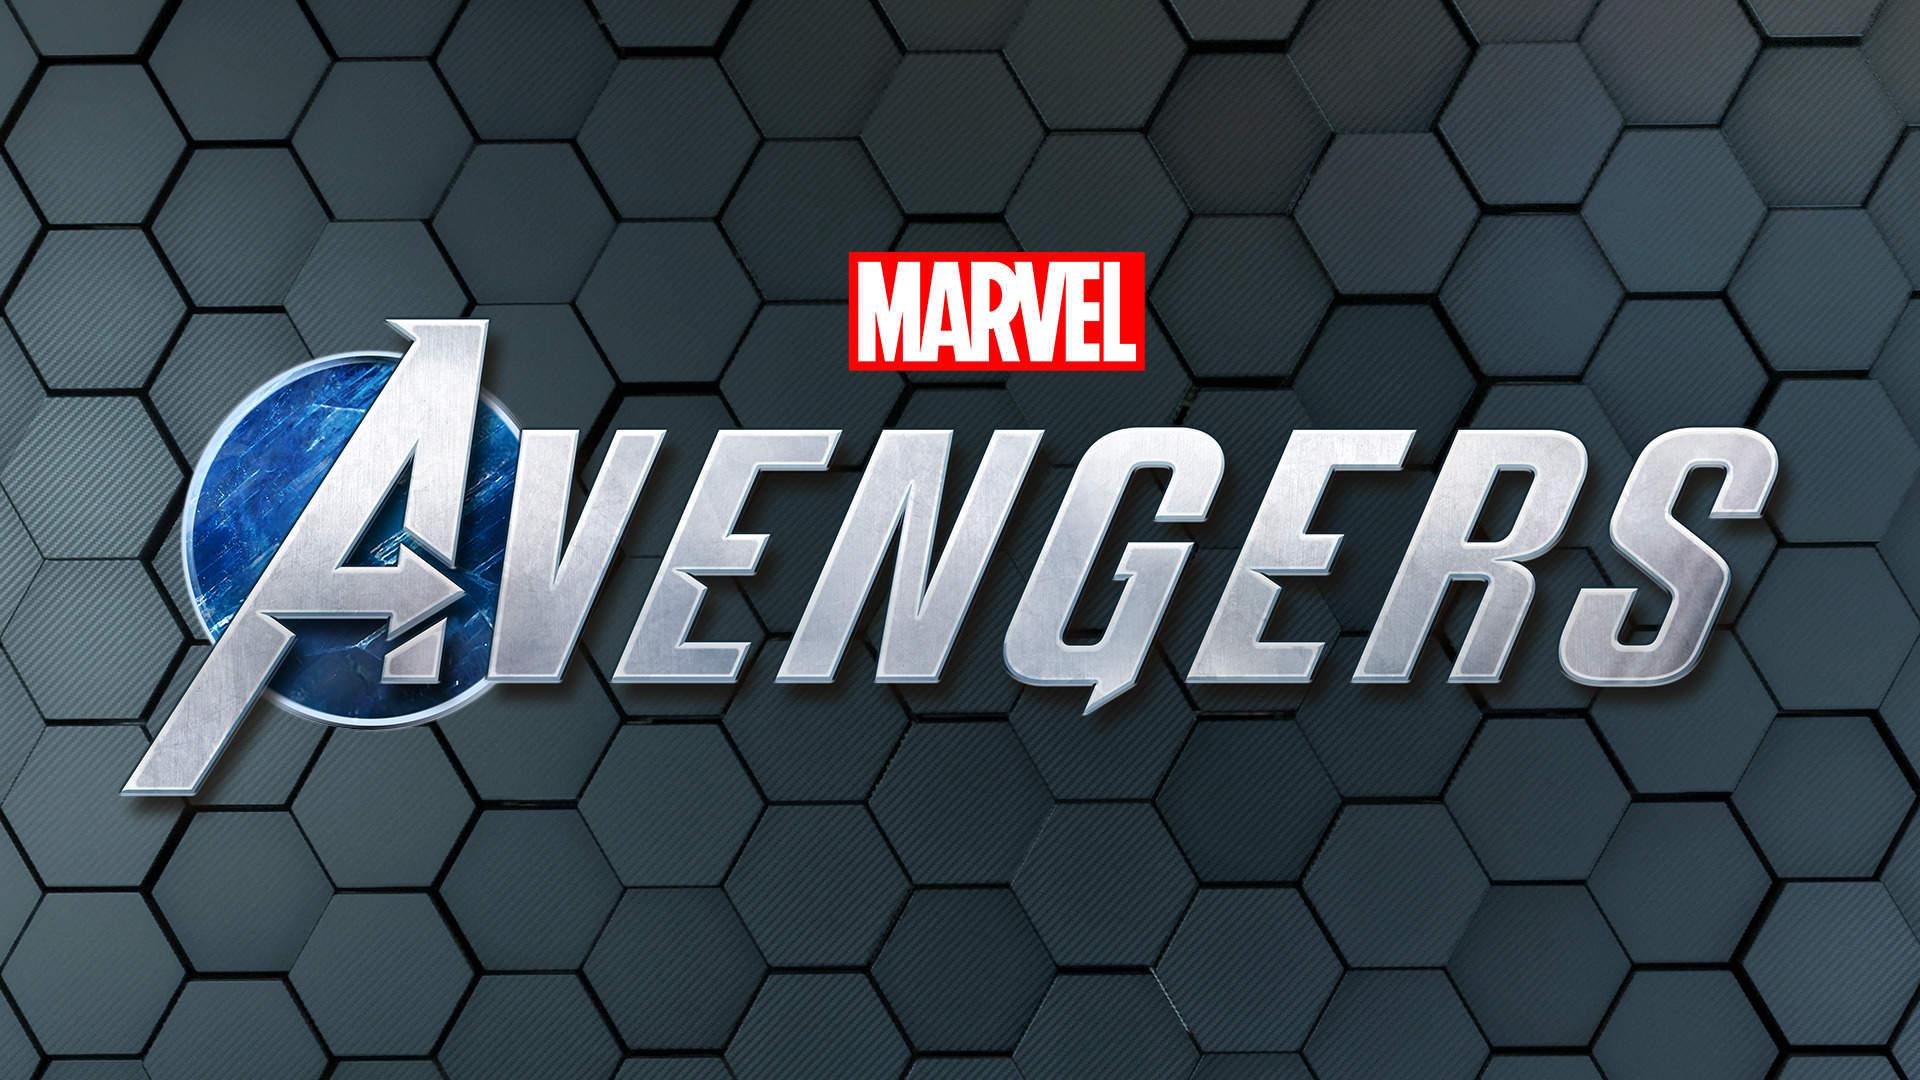 marvels avengers game logo wallpaper 74165